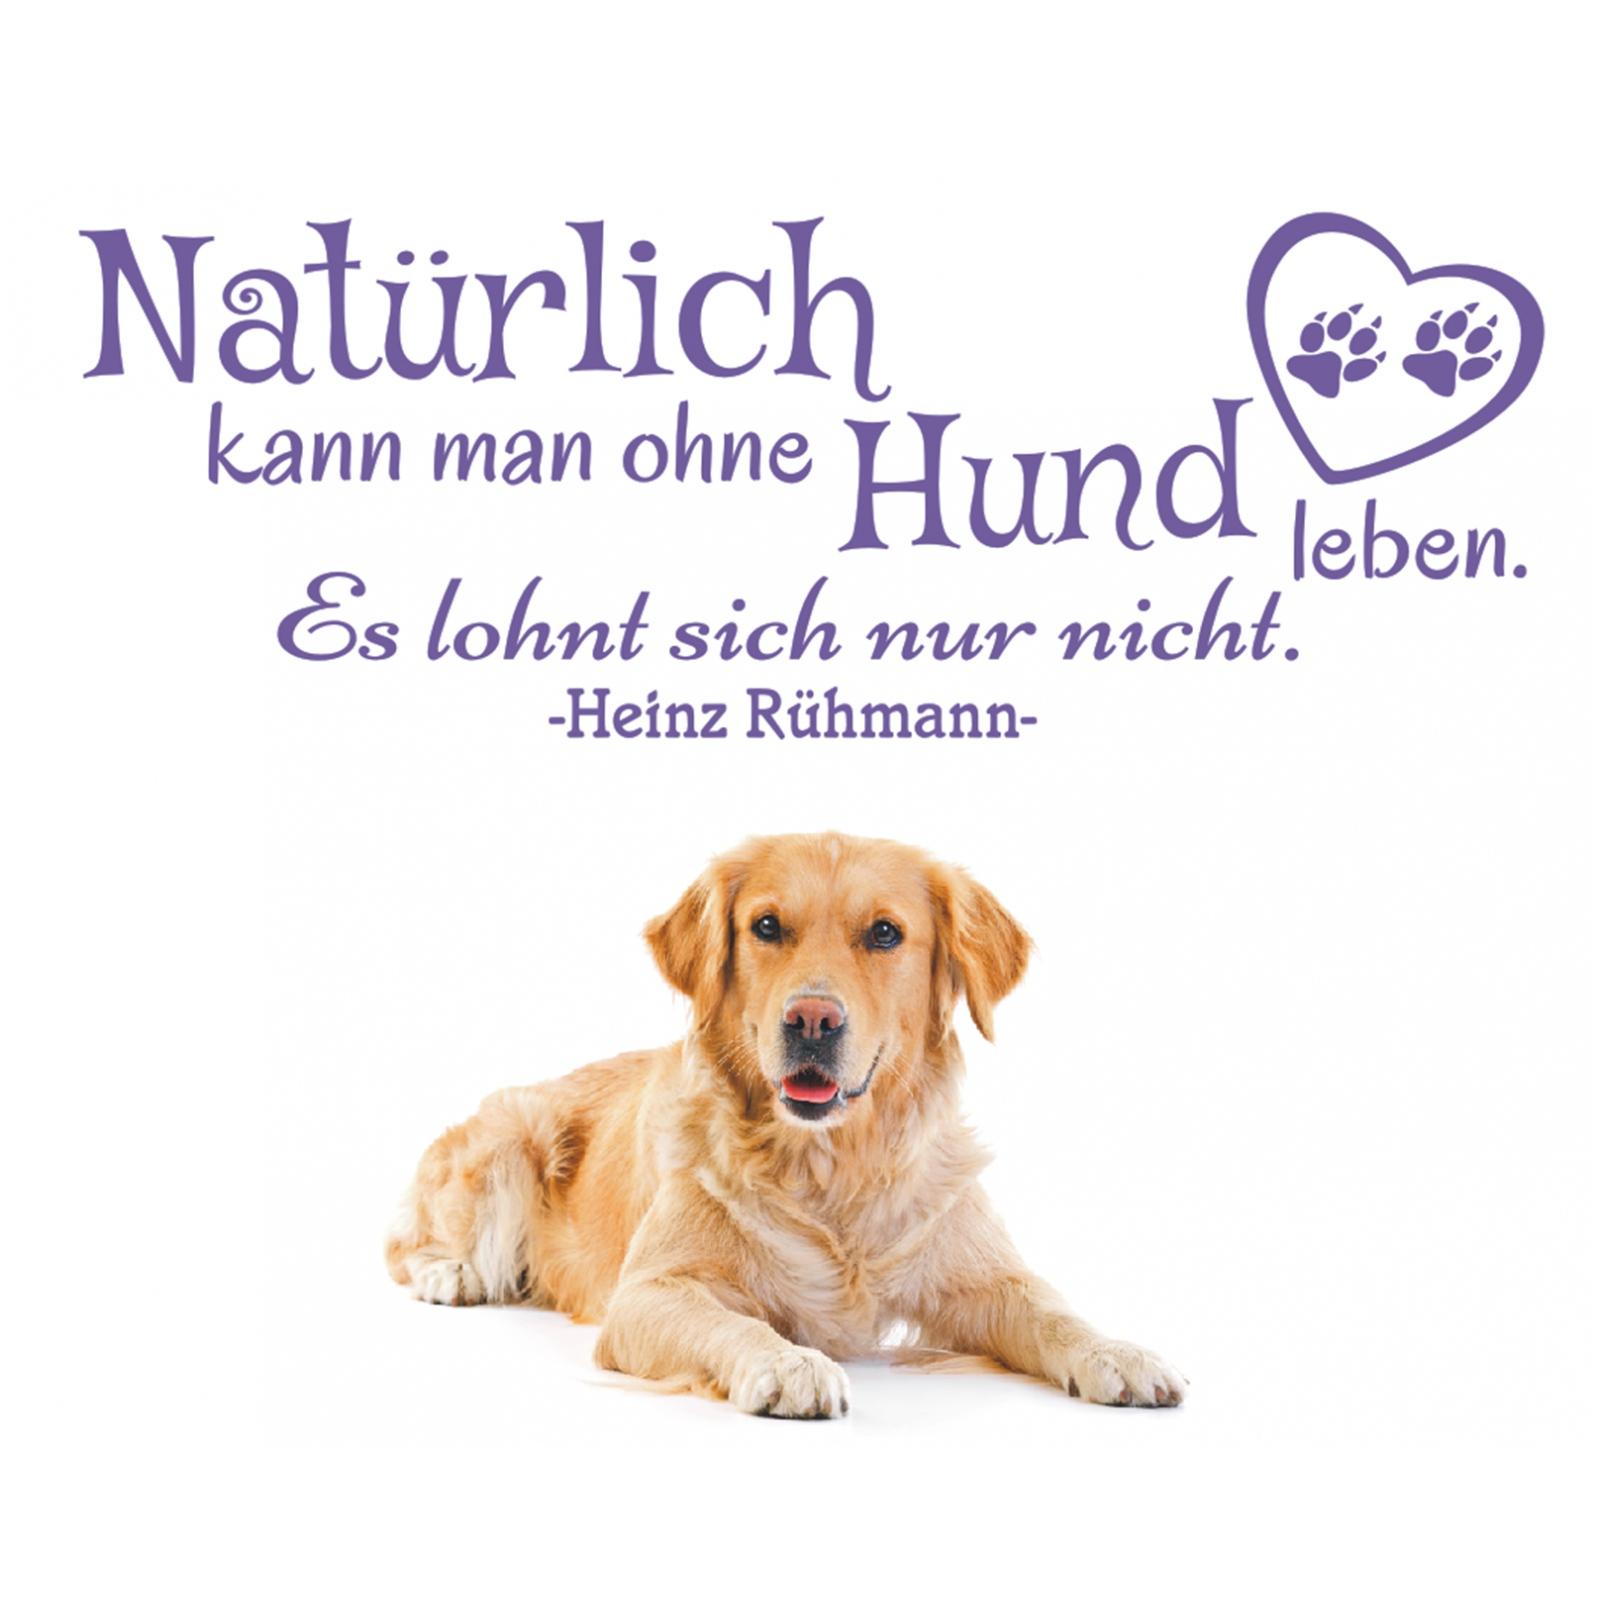 Details Zu Wandtattoo Spruch Natürlich Kann Ohne Hund Leben Wandaufkleber Zitat Sticker 0